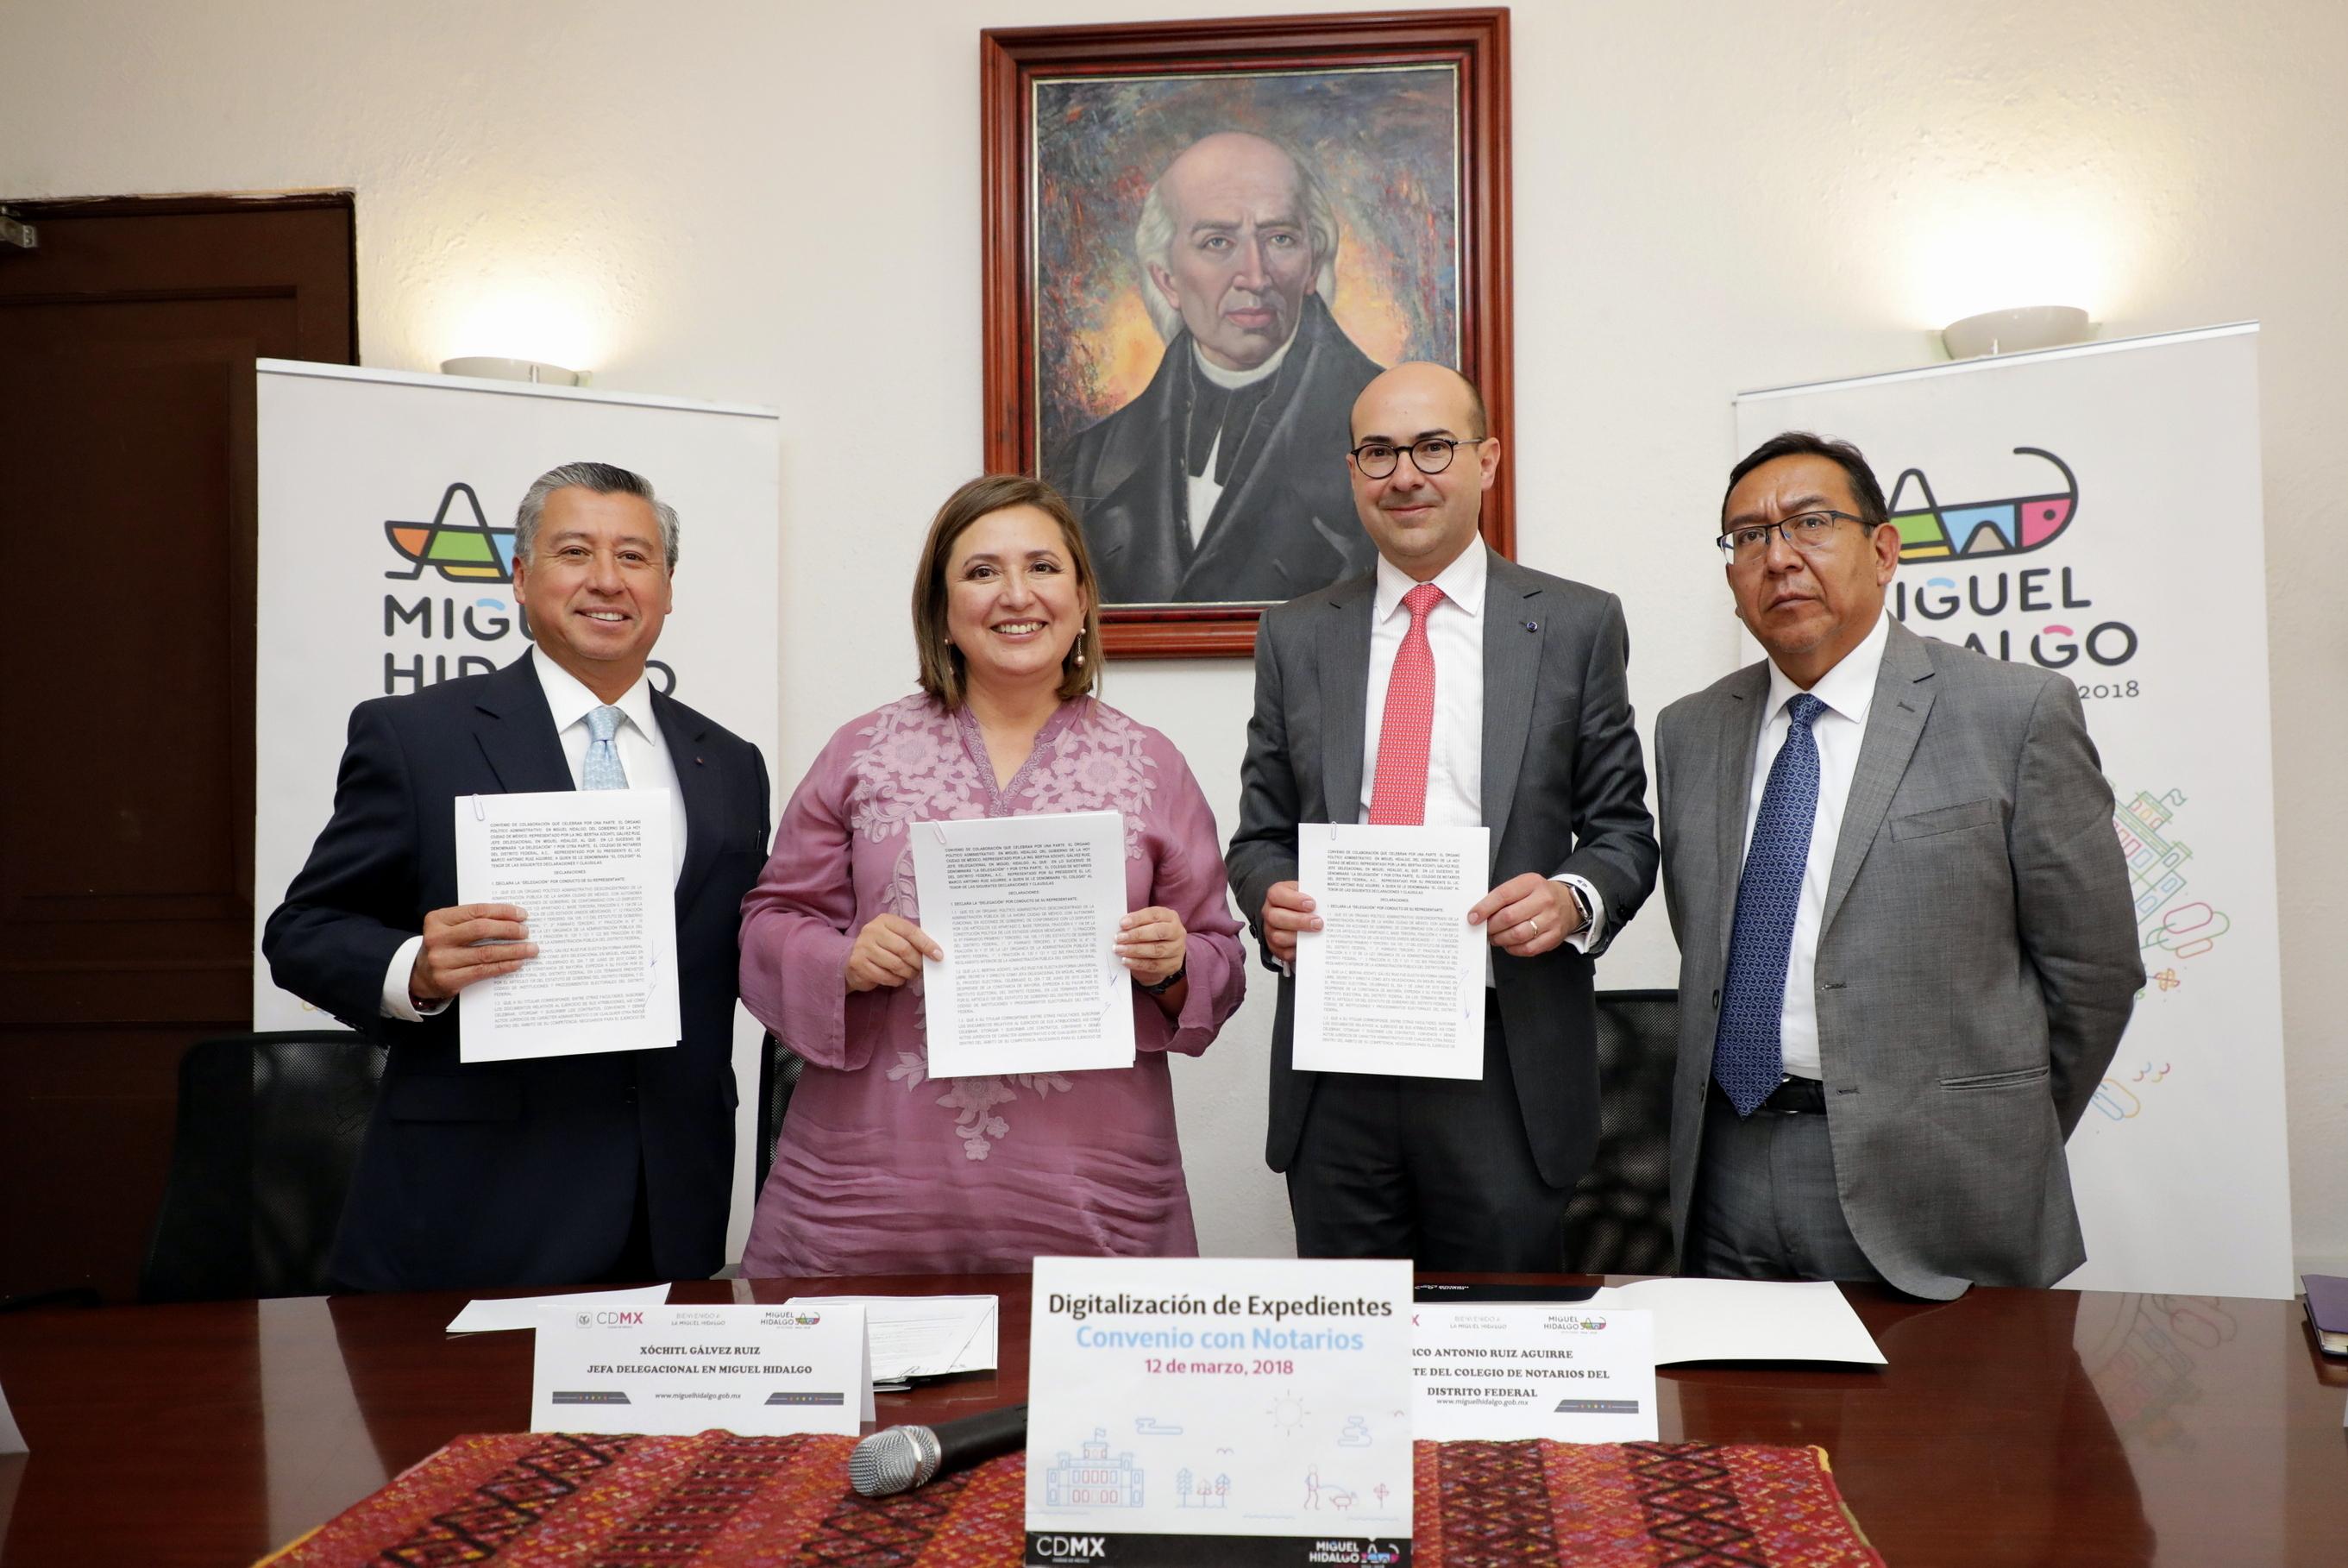 FIRMAN DMH Y COLEGIO DE NOTARIOS CONVENIO  PARA INHIBIR CORRUPCIÓN INMOBILIARIA